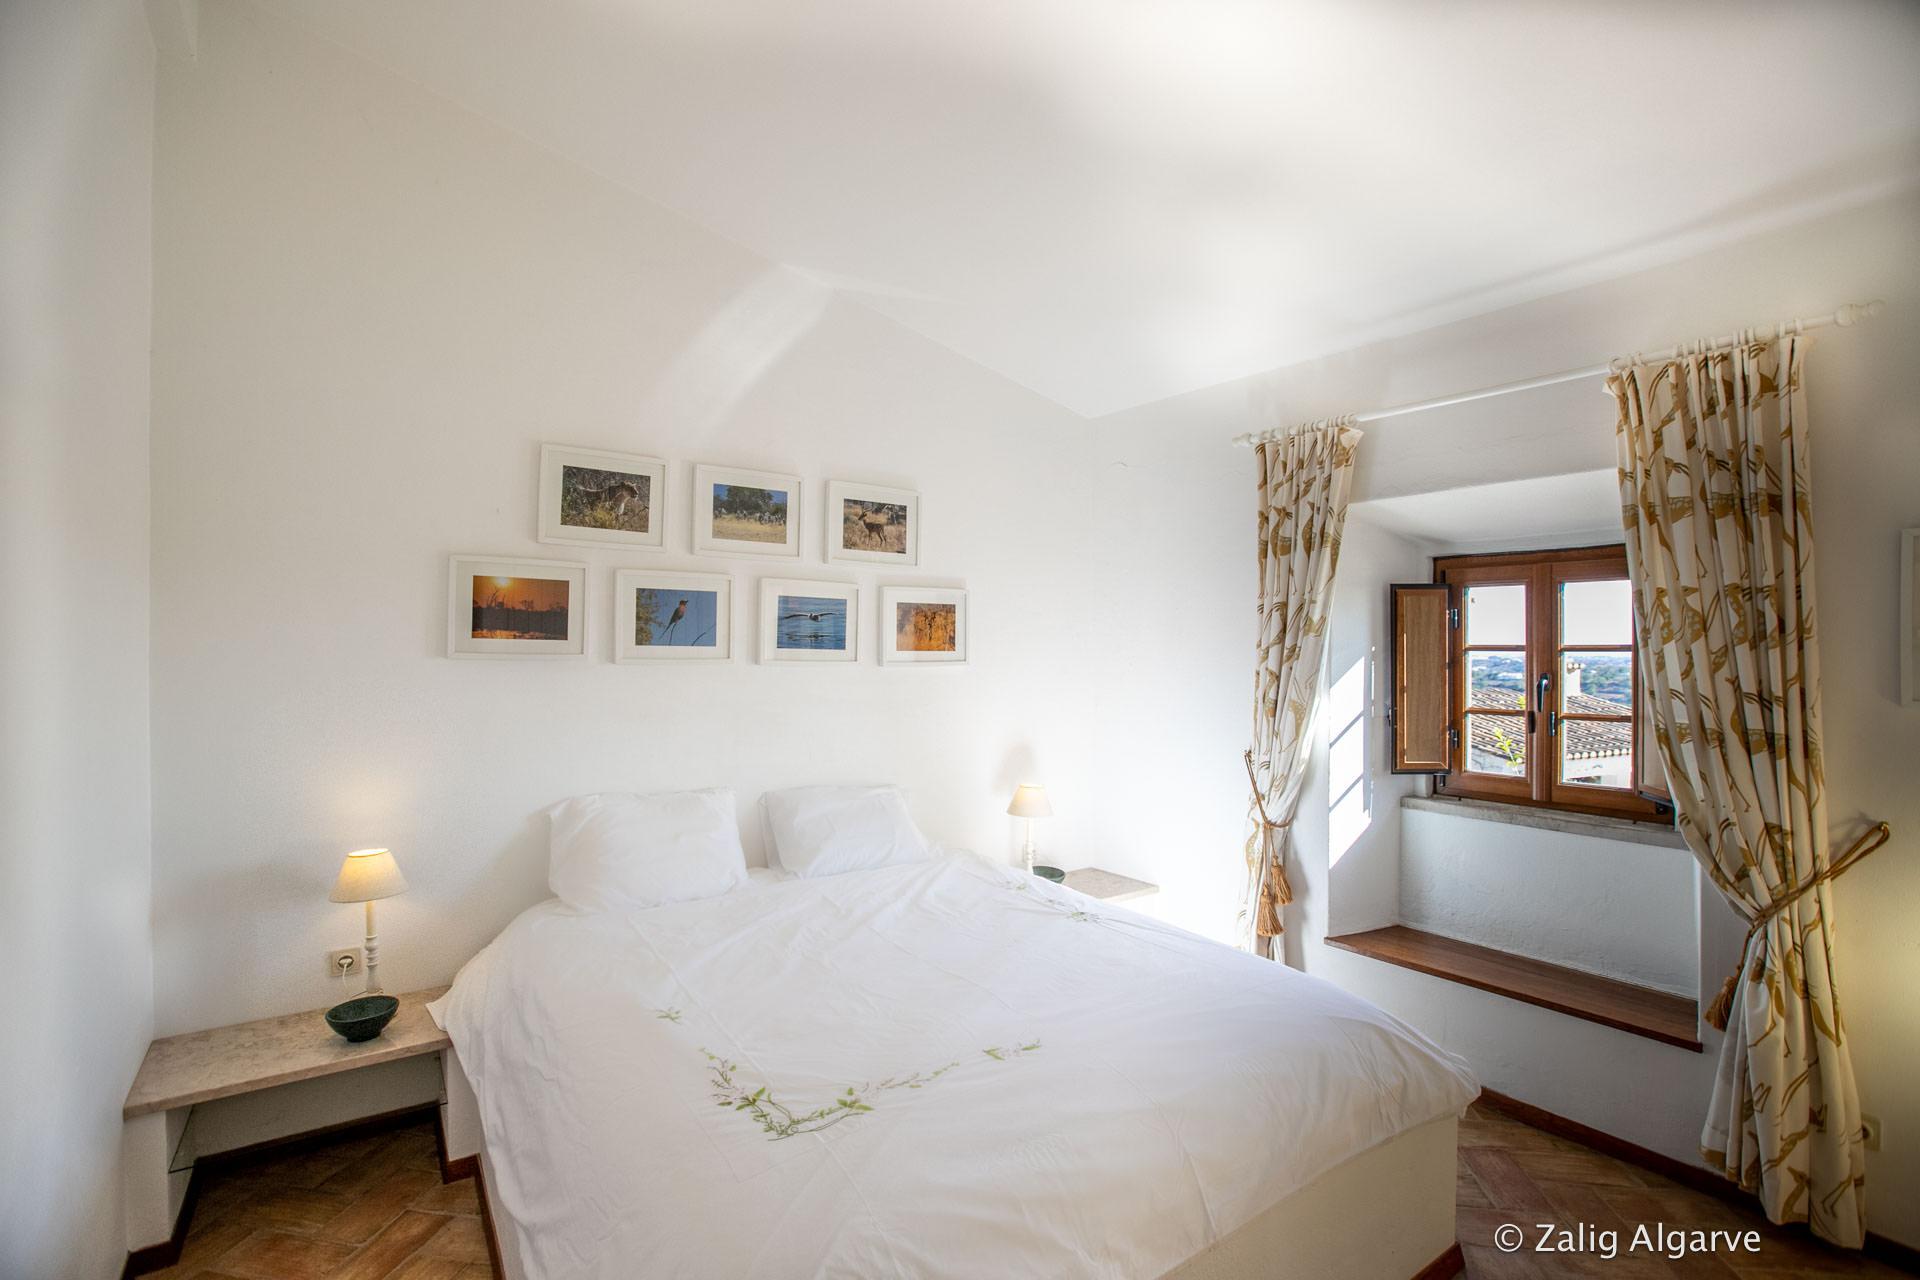 Quinta-do-Guine-Zalig-Algarve-314_opti